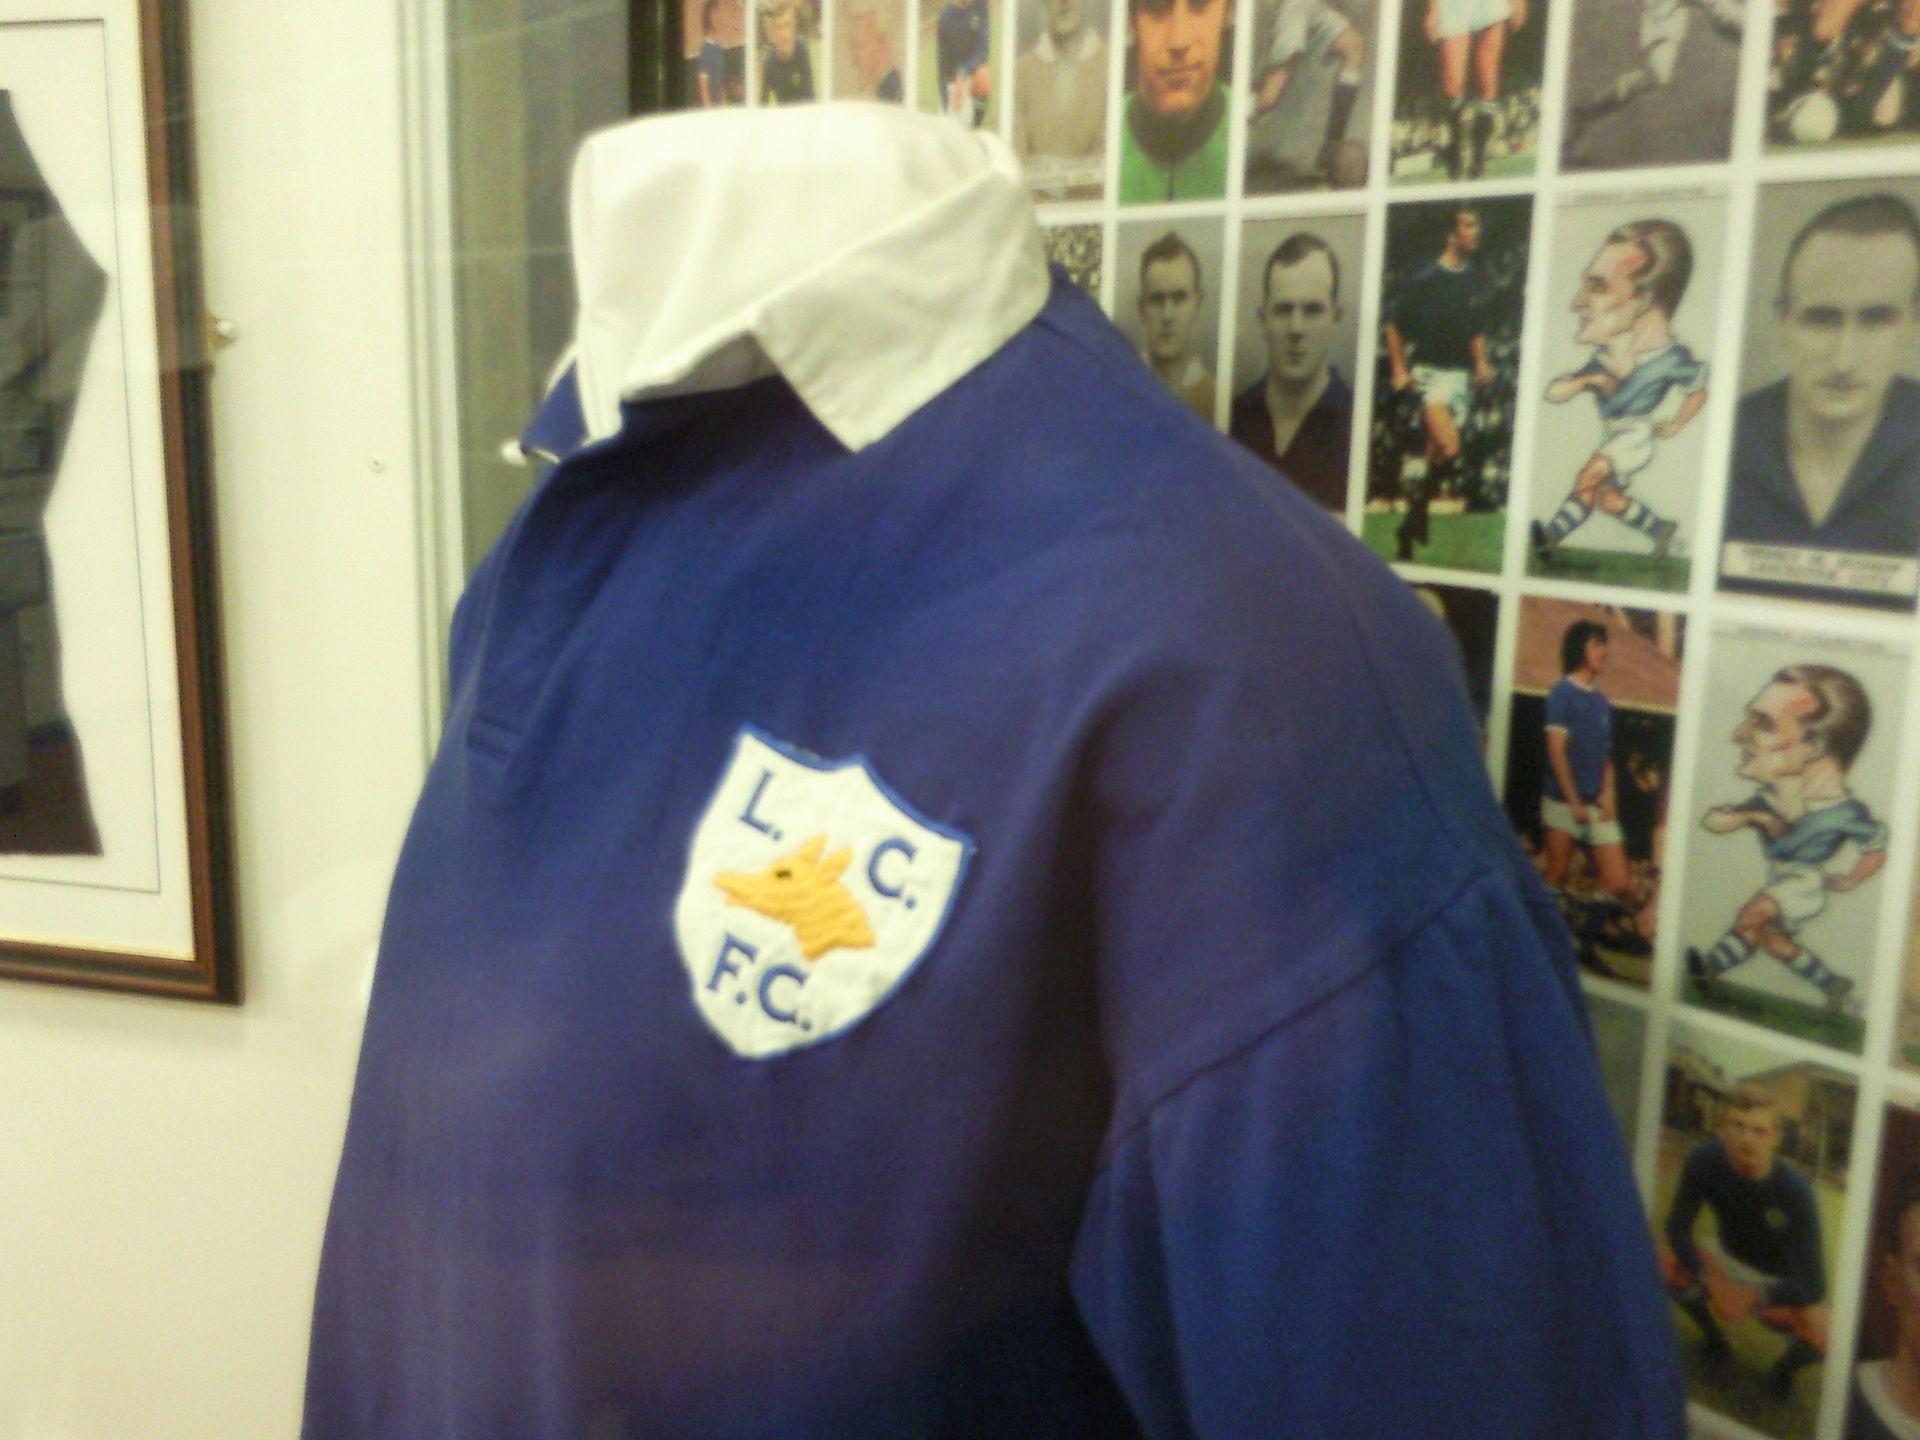 Leicester City - Tổng quan về CLB Leicester, tiểu sử, thành tích hình ảnh